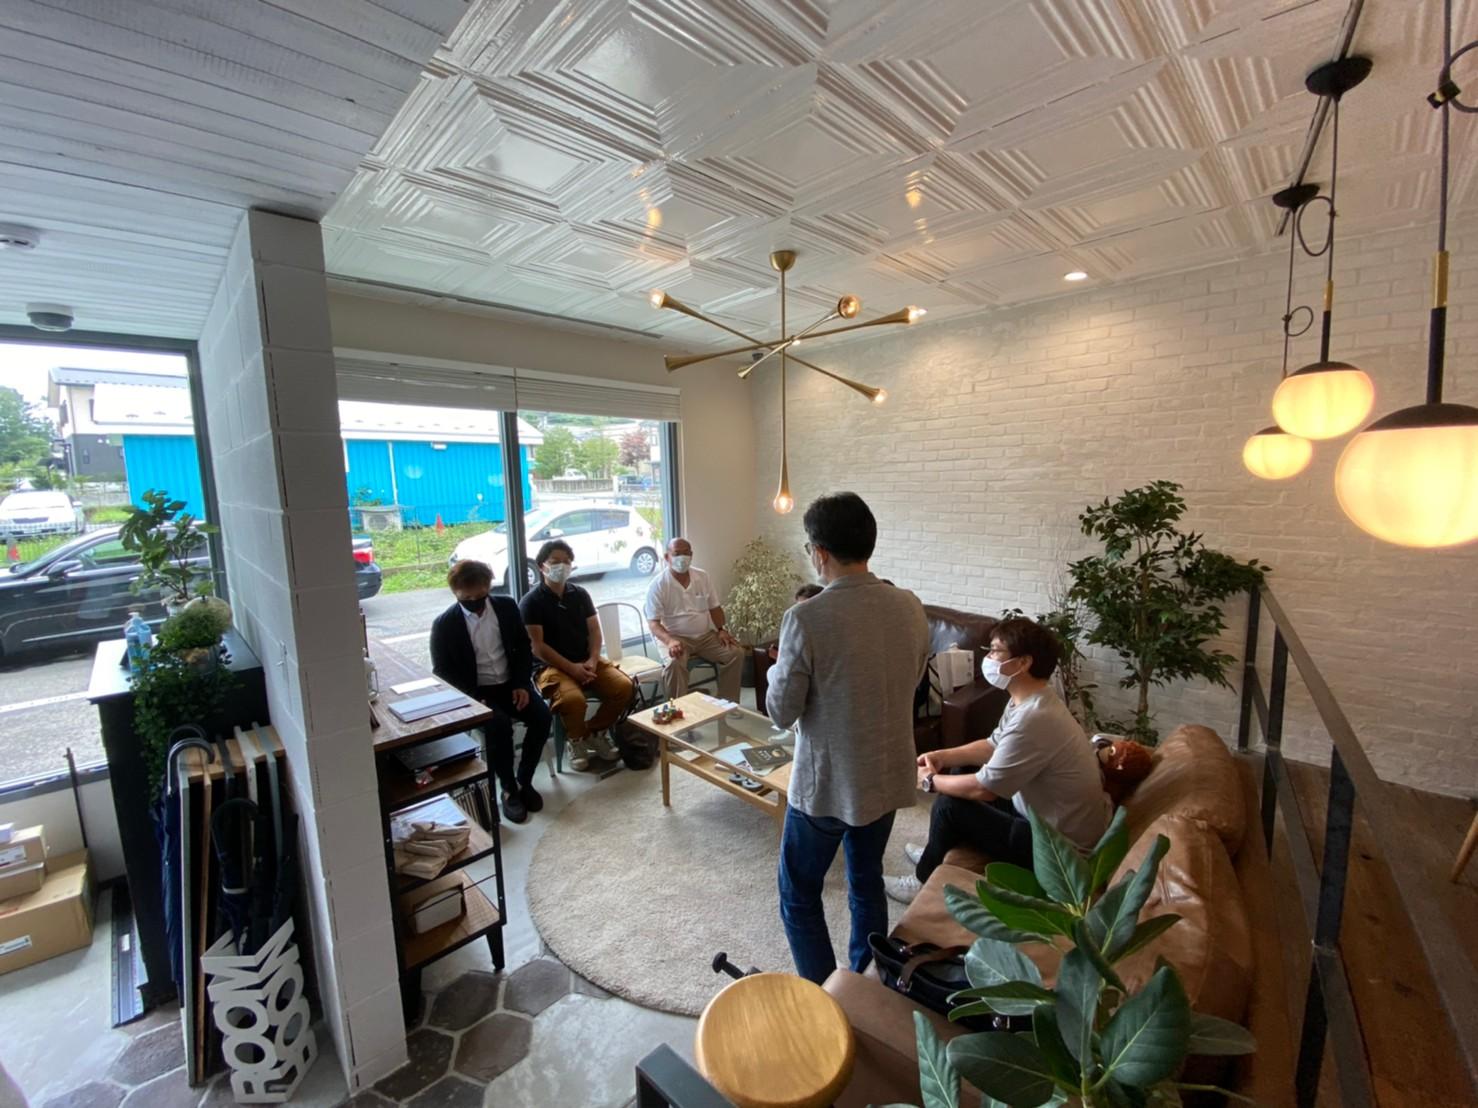 山梨県の工務店、未来建築工房とつくる注文住宅。|5社の工務店さんが未来建築工房に来たんだけどその理由は…?